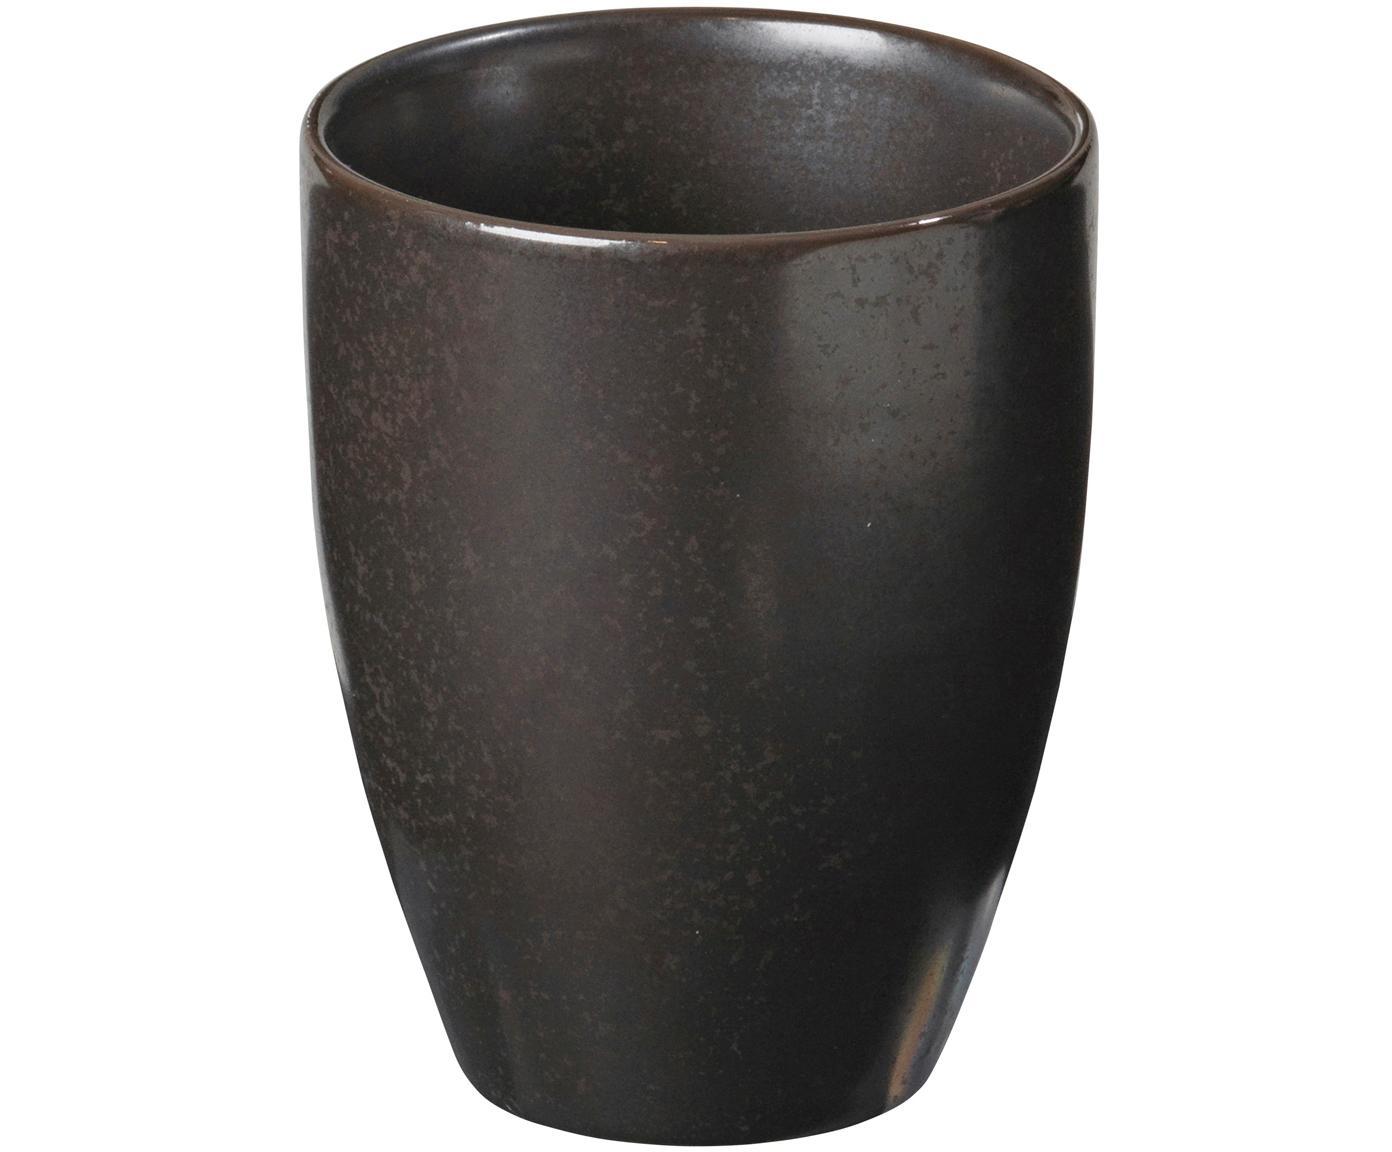 Handgemachte Becher Esrum Night, 4 Stück, Steingut, glasiert, Graubraun, matt silbrig schimmernd, Ø 8 x H 10 cm